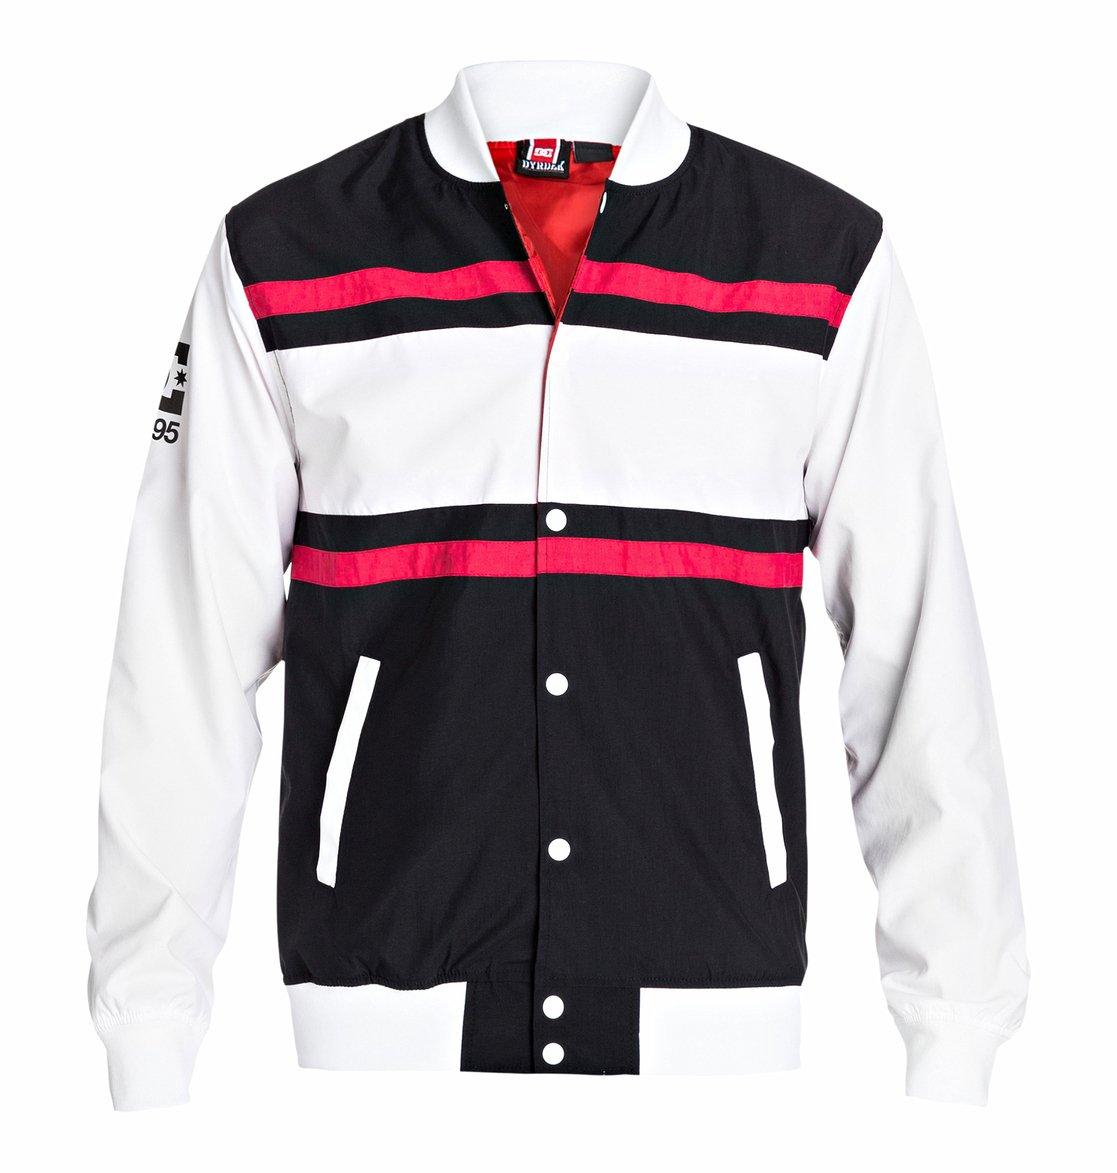 Здесь можно купить   Rob Dyrdek Mvp Jacket Вся одежда